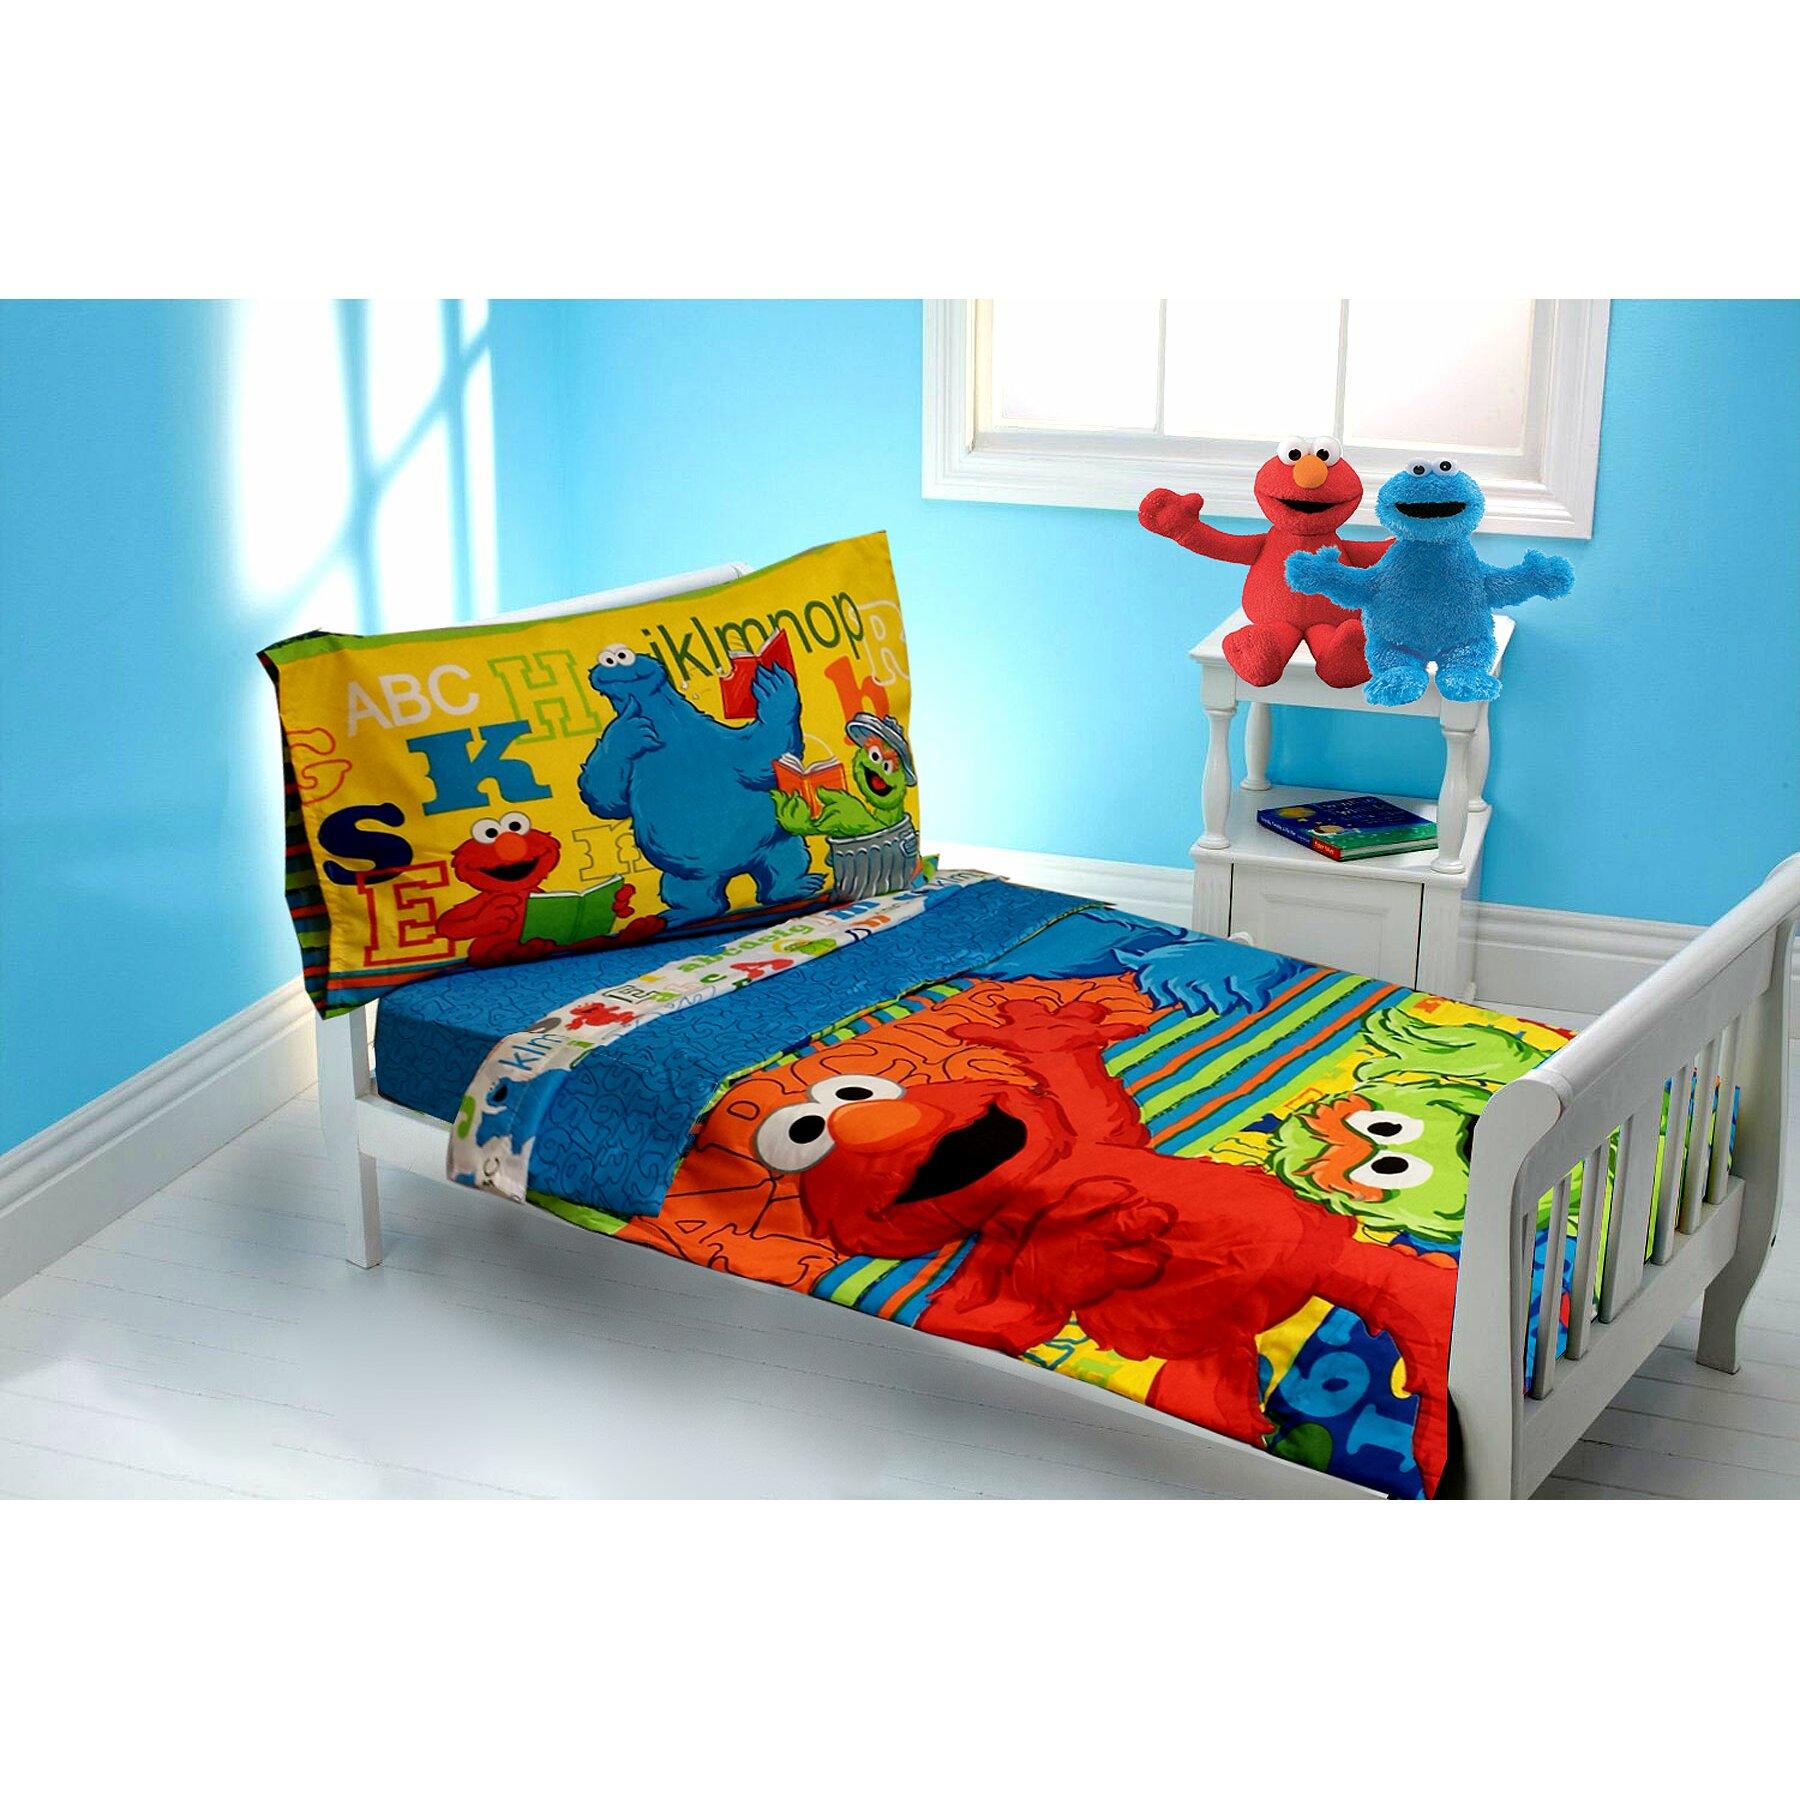 Sesame Street Elmo ABC 123 4 Piece Toddler Bedding Set ...